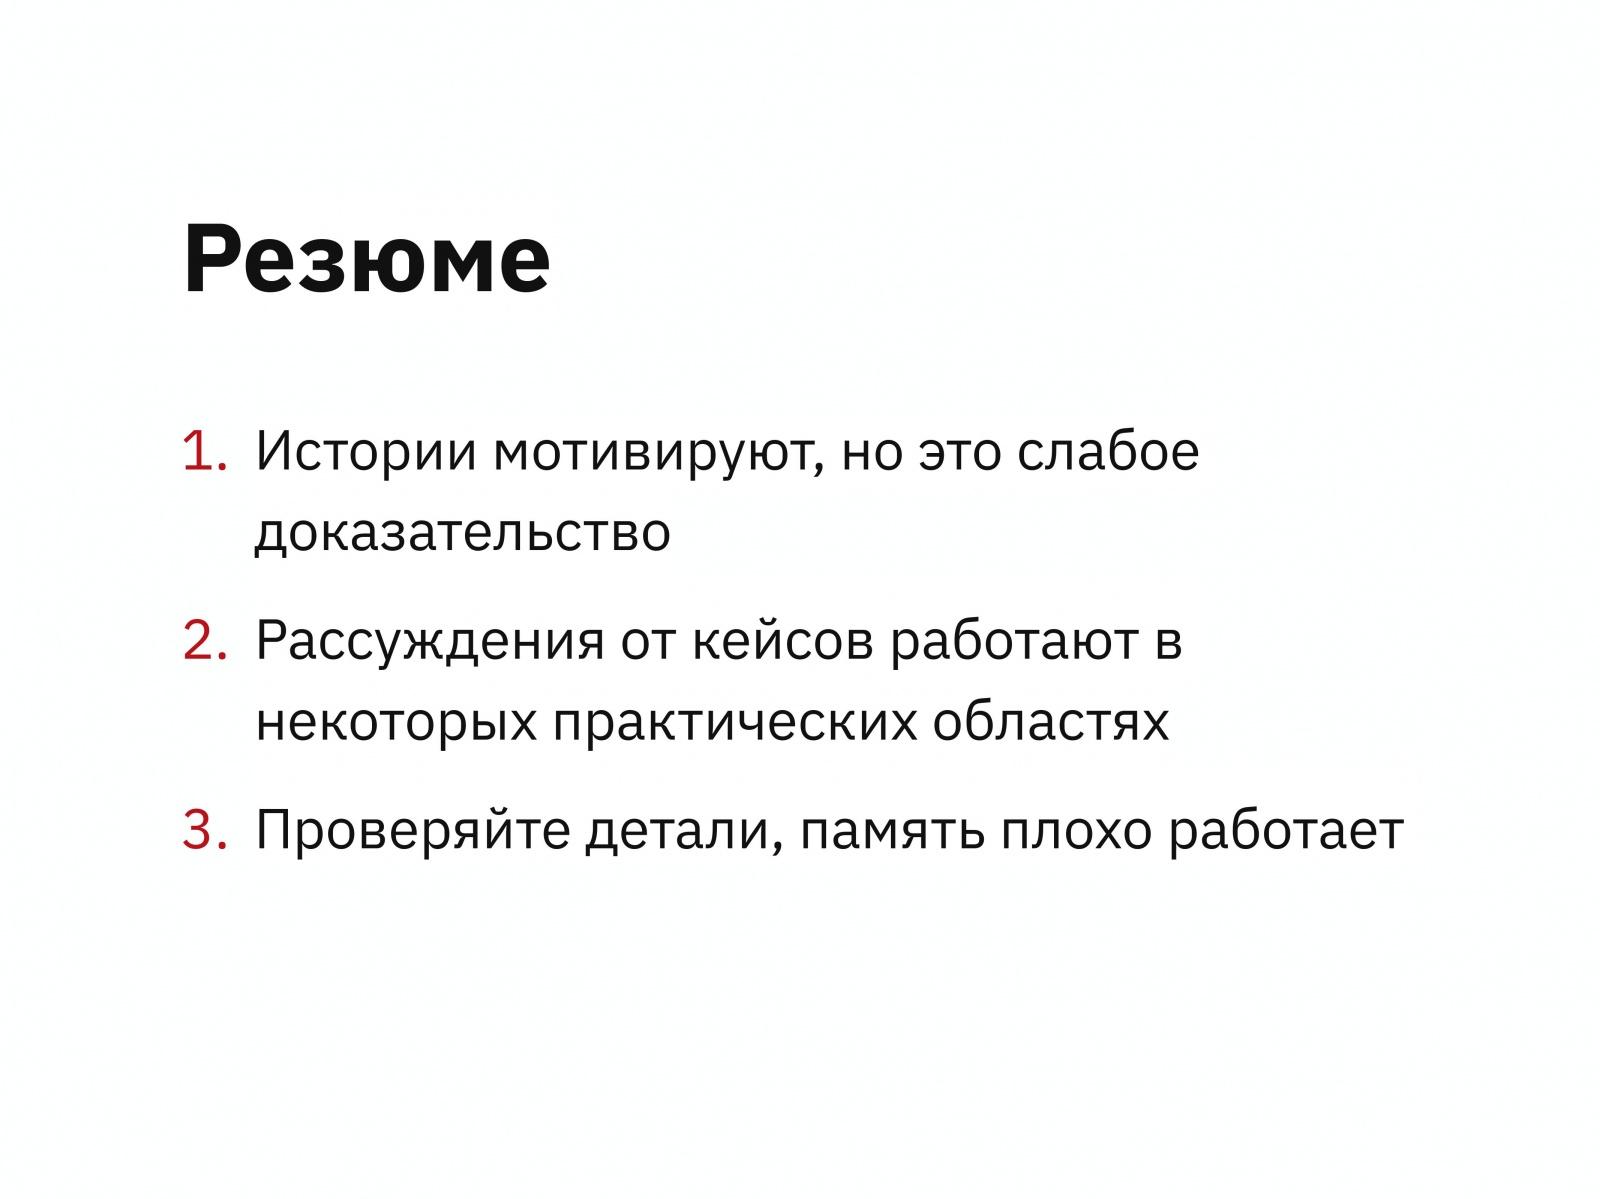 Алексей Каптерев: Критическое мышление 101 (часть 2) - 35